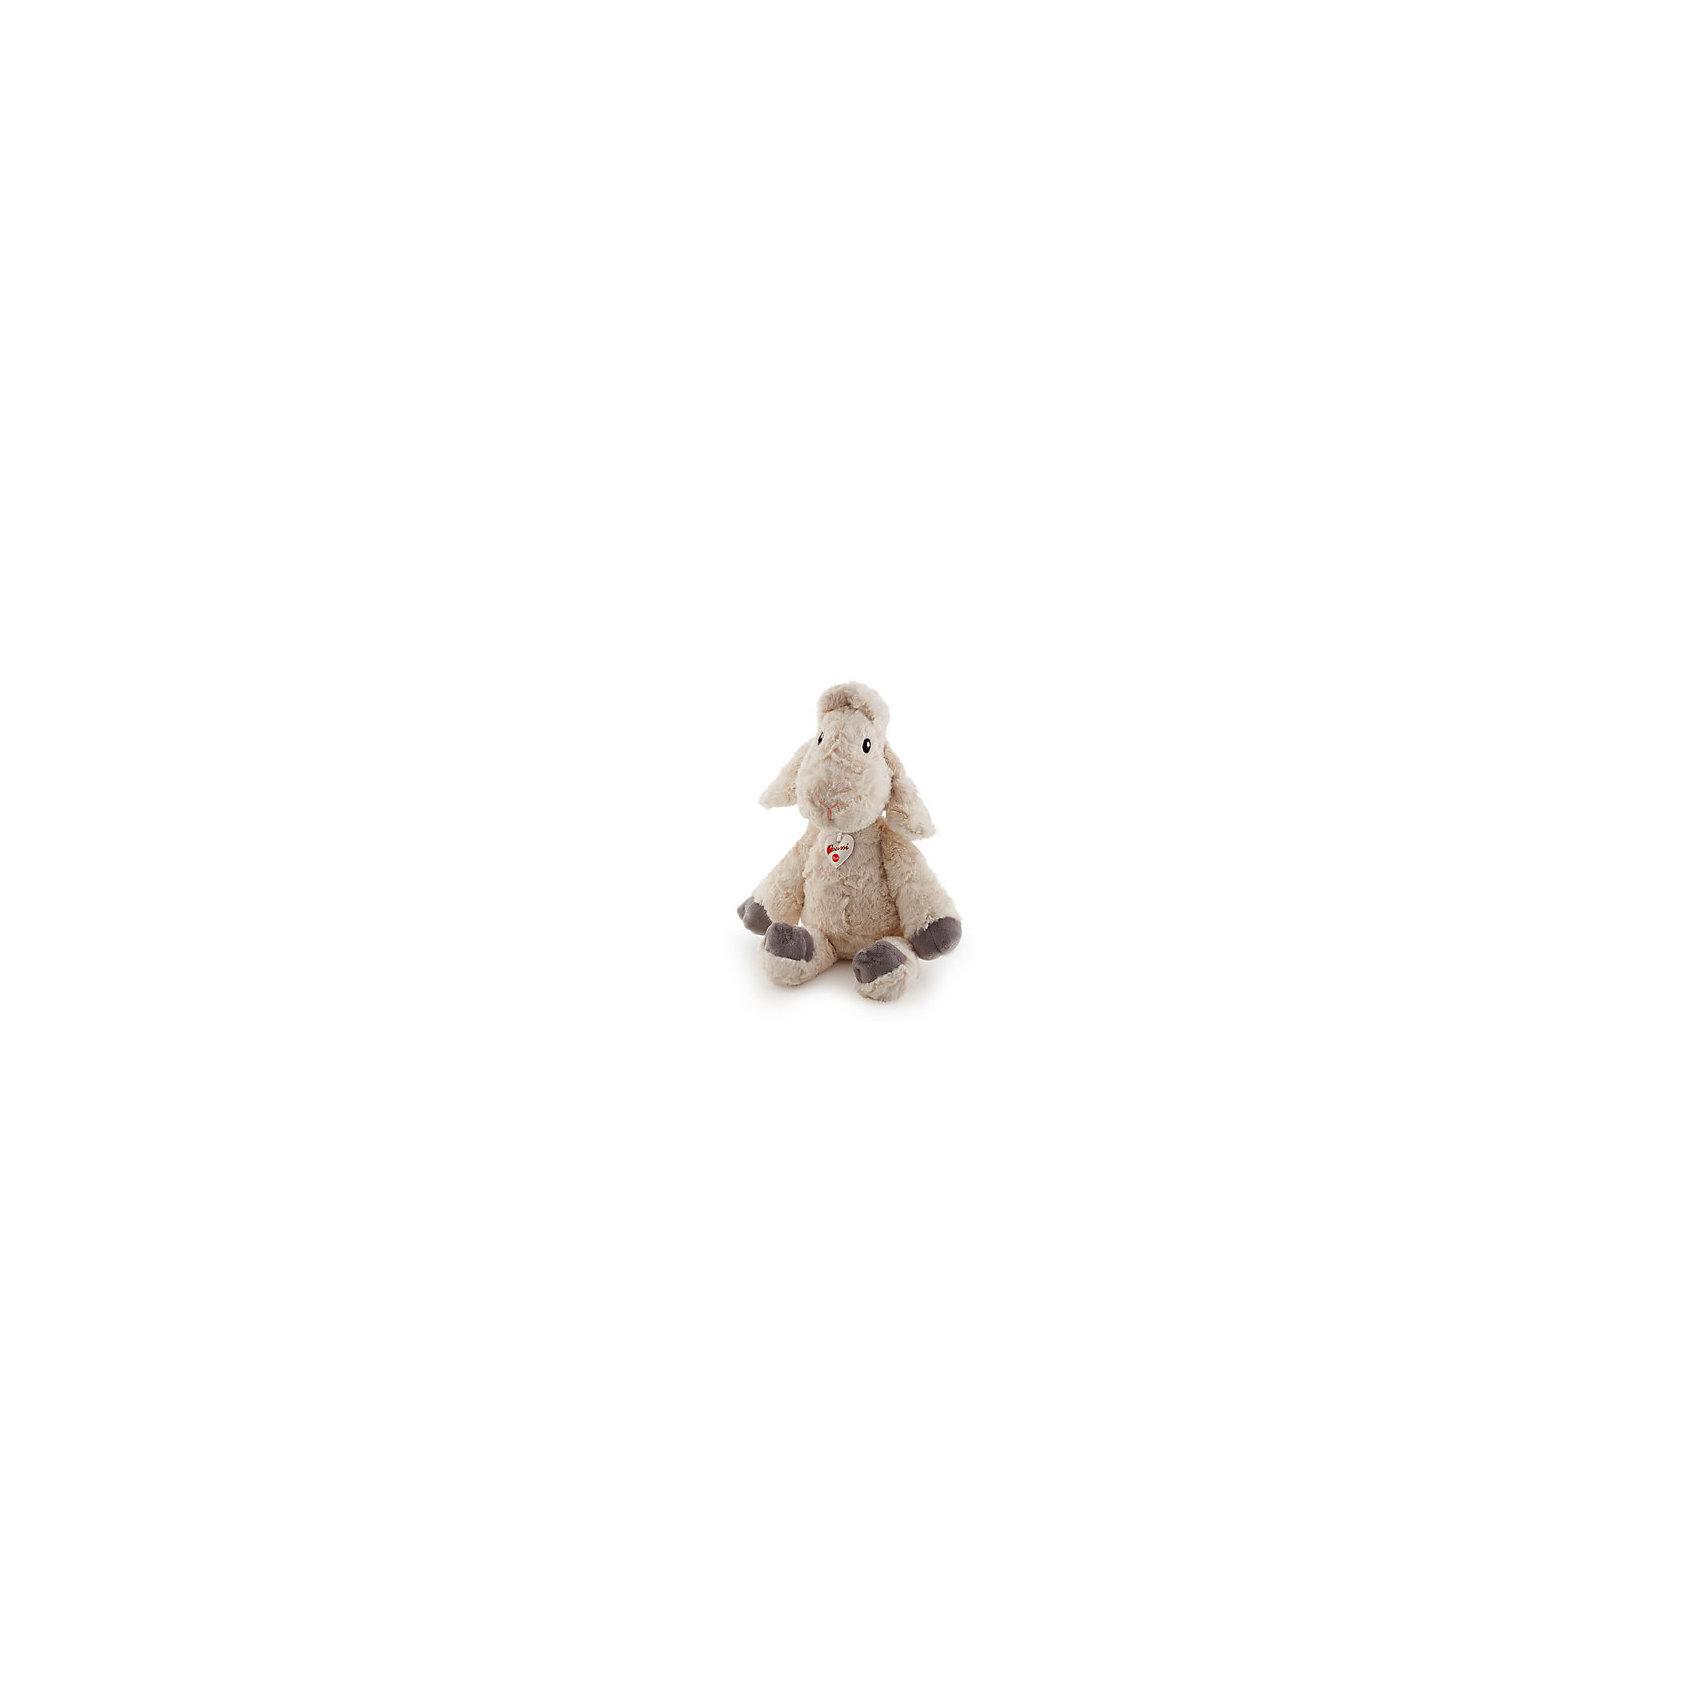 Белая овечка, 45 см, TrudiЗвери и птицы<br>Очаровательная овечка от Trudi станет лучшим другом вашему малышу! У милой овечки очень мягкая шерстка, маленький розовый носик, добрые озорные глаза - с ней будет очень весело играть днем и спокойно и уютно засыпать ночью. Игрушка изготовлена из высококачественных нетоксичных, экологичных материалов абсолютно безопасных для детей. Благодаря тщательной проработке всех деталей, кошка выглядит очень реалистично, что, несомненно, порадует ребенка. Прекрасный подарок на любой праздник!<br><br>Дополнительная информация:<br><br>- Материал: плюш, пластик, текстиль, искусственный мех. <br>- Высота: 45 см. <br>- Допускается машинная стирка при деликатной режиме (30 ?).<br><br>Белую овечку, 45 см, Trudi (Труди), можно купить в нашем магазине.<br><br>Ширина мм: 450<br>Глубина мм: 200<br>Высота мм: 250<br>Вес г: 350<br>Возраст от месяцев: 12<br>Возраст до месяцев: 2147483647<br>Пол: Унисекс<br>Возраст: Детский<br>SKU: 5055251